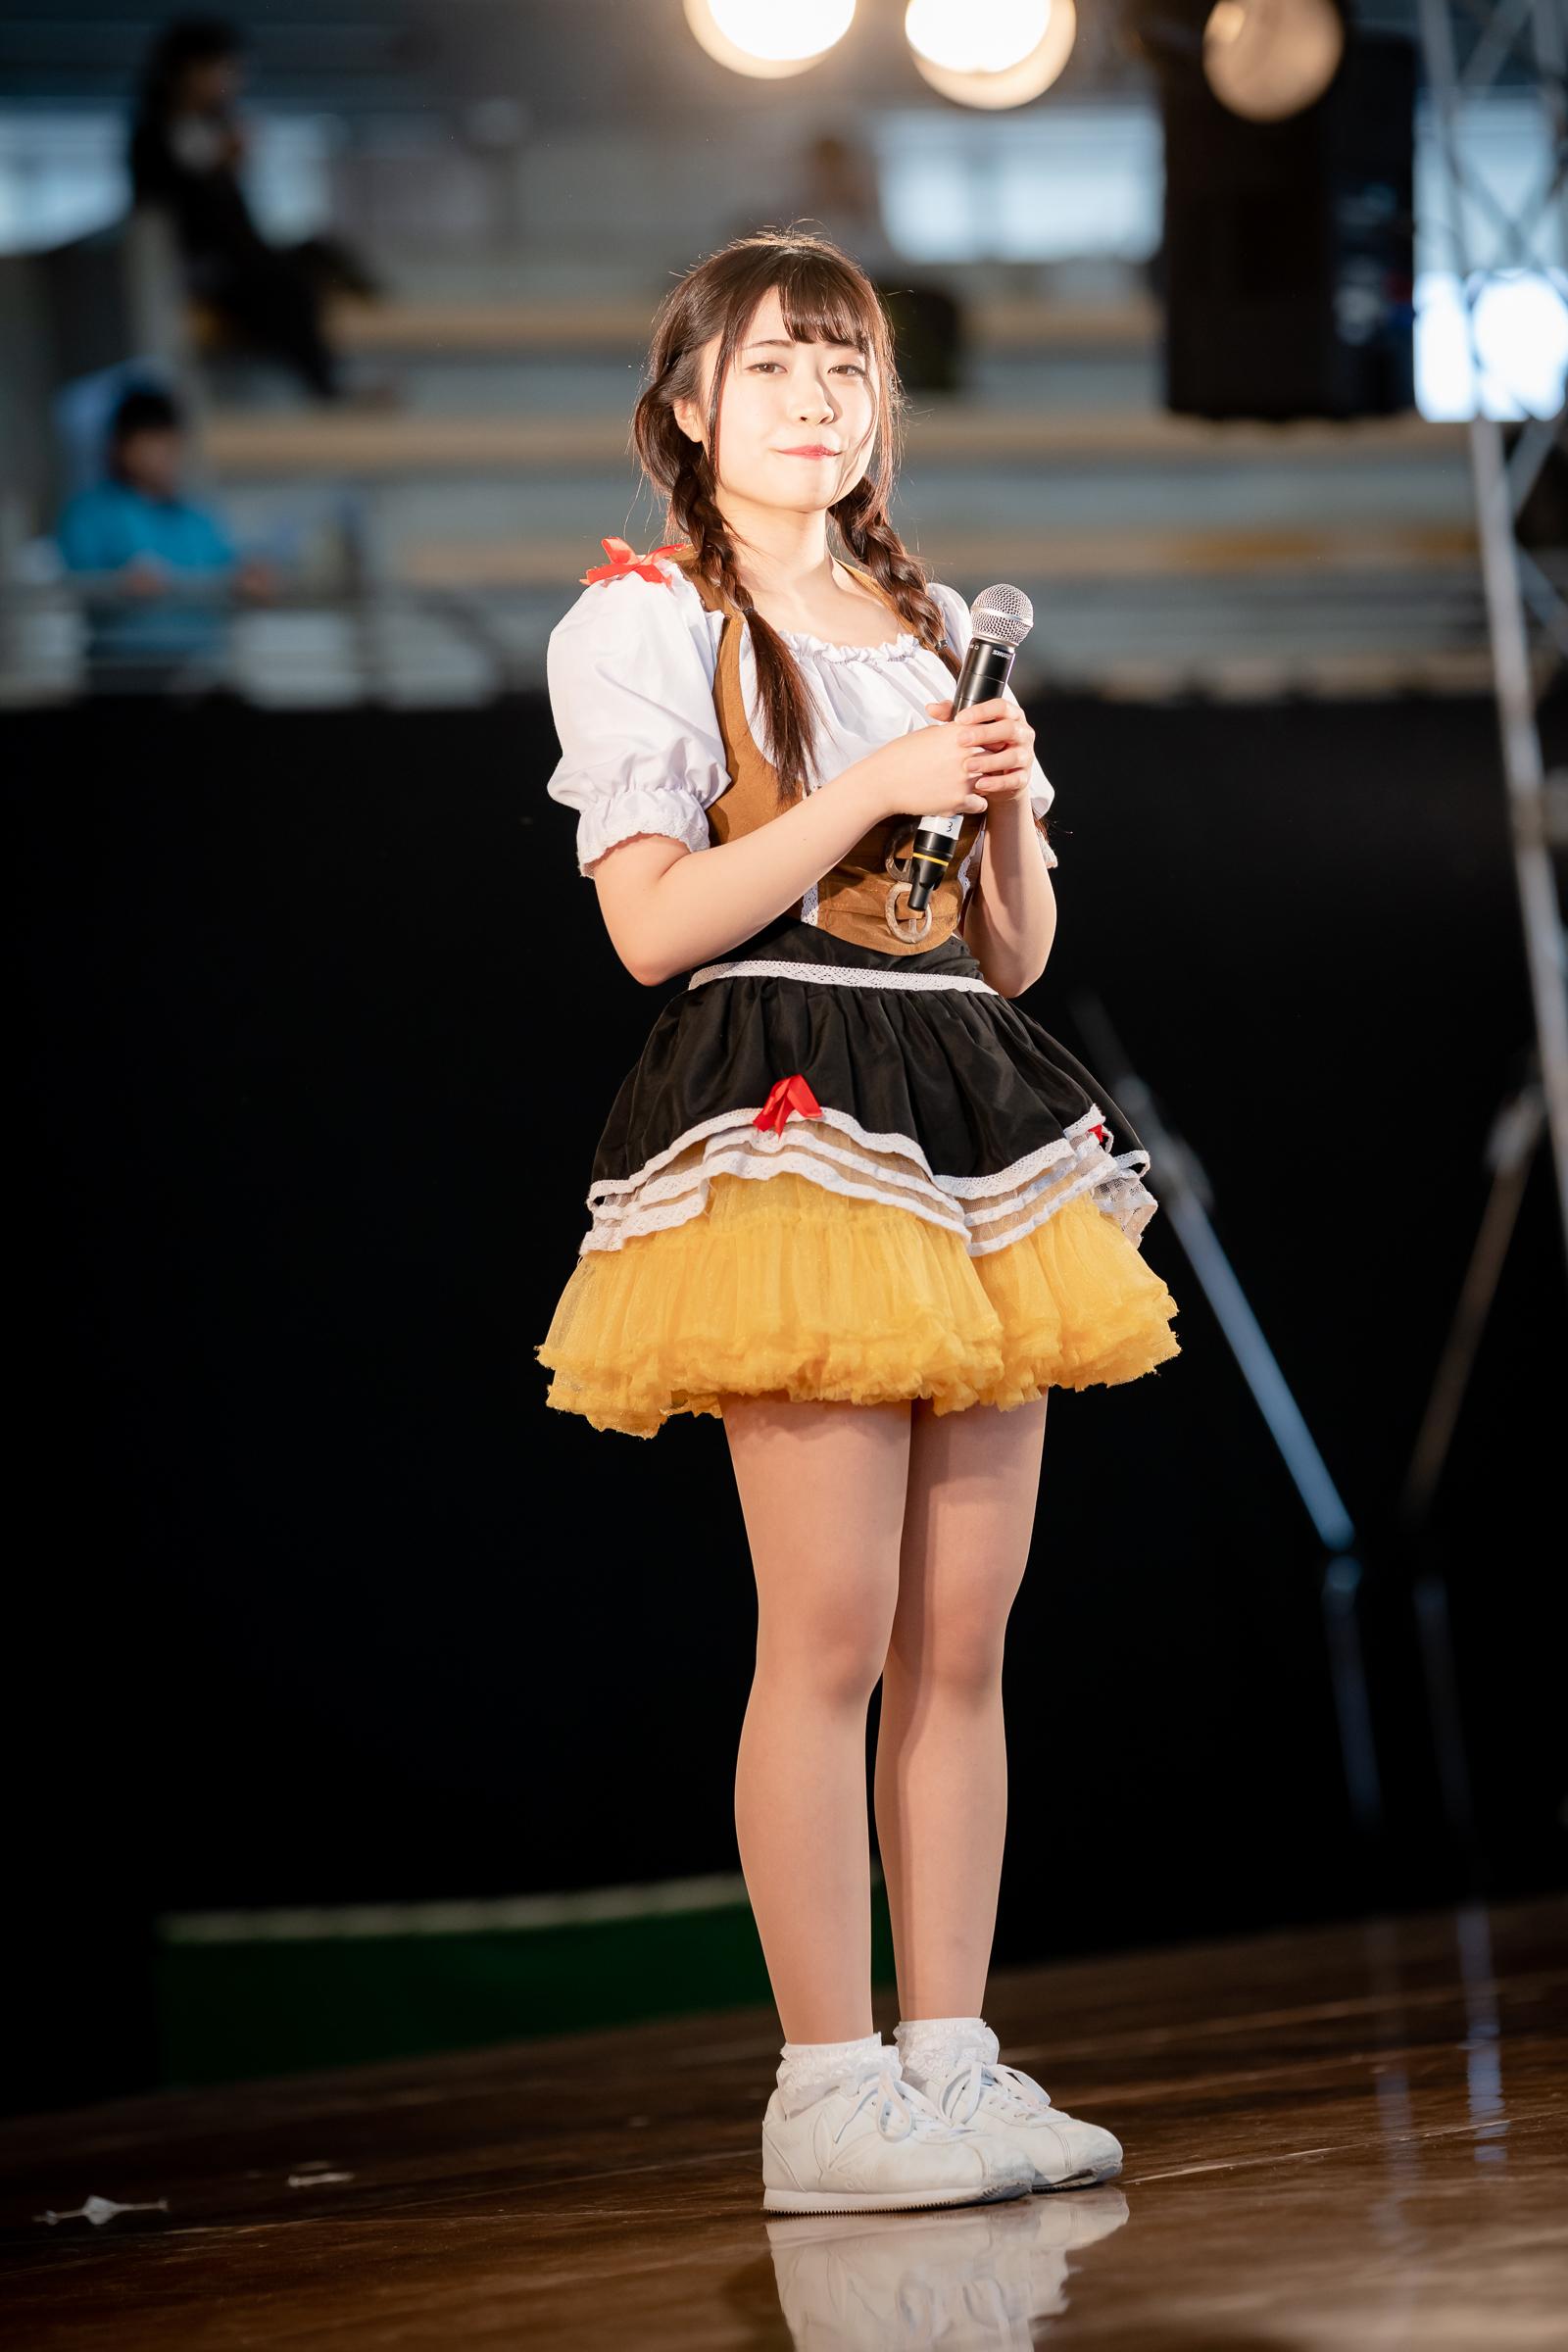 3代目HAPPY少女♪ れいか ( 鳴海れいか )   ゴールデンマーケット! Vol.44